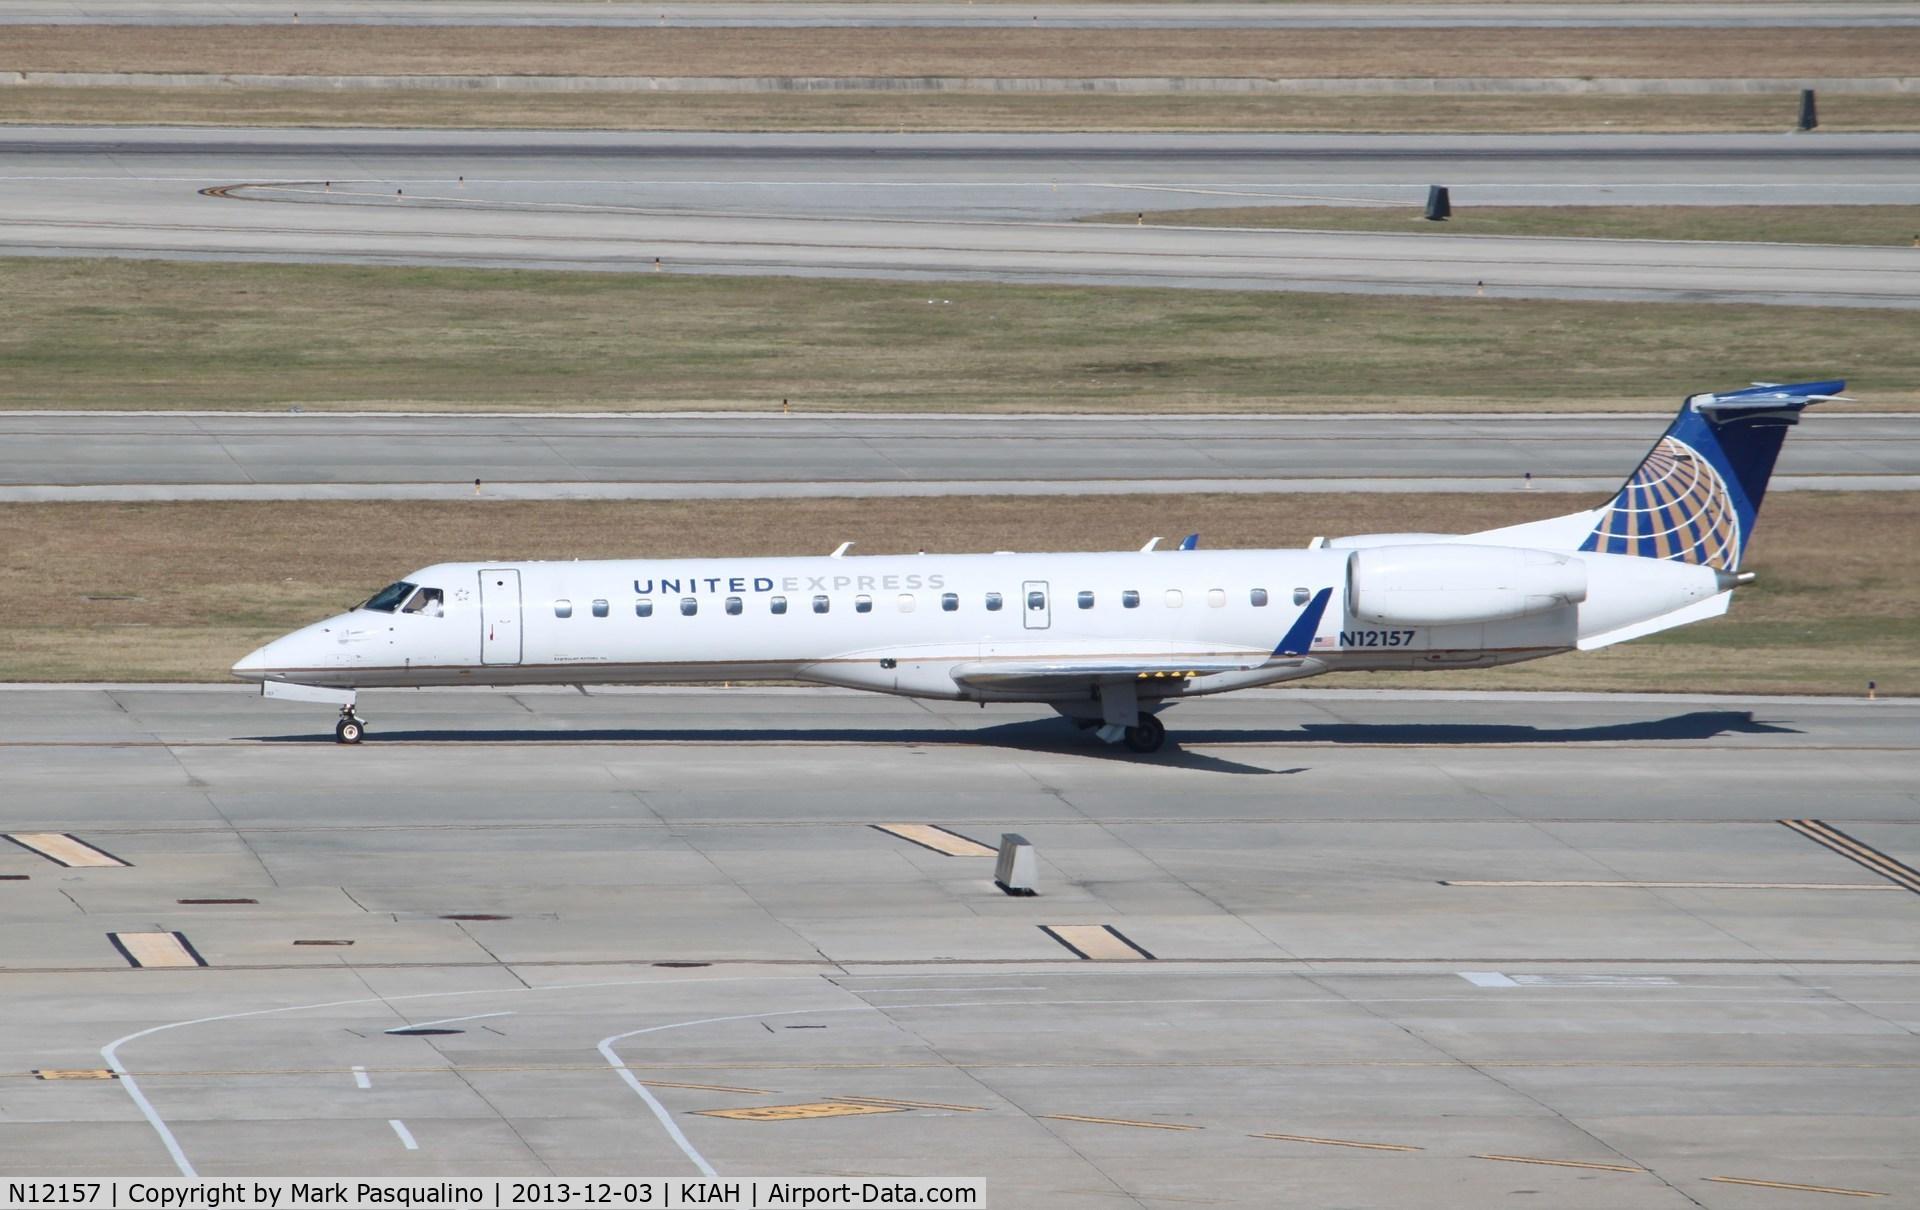 N12157, 2004 Embraer EMB-145XR C/N 145787, EMB-145XR